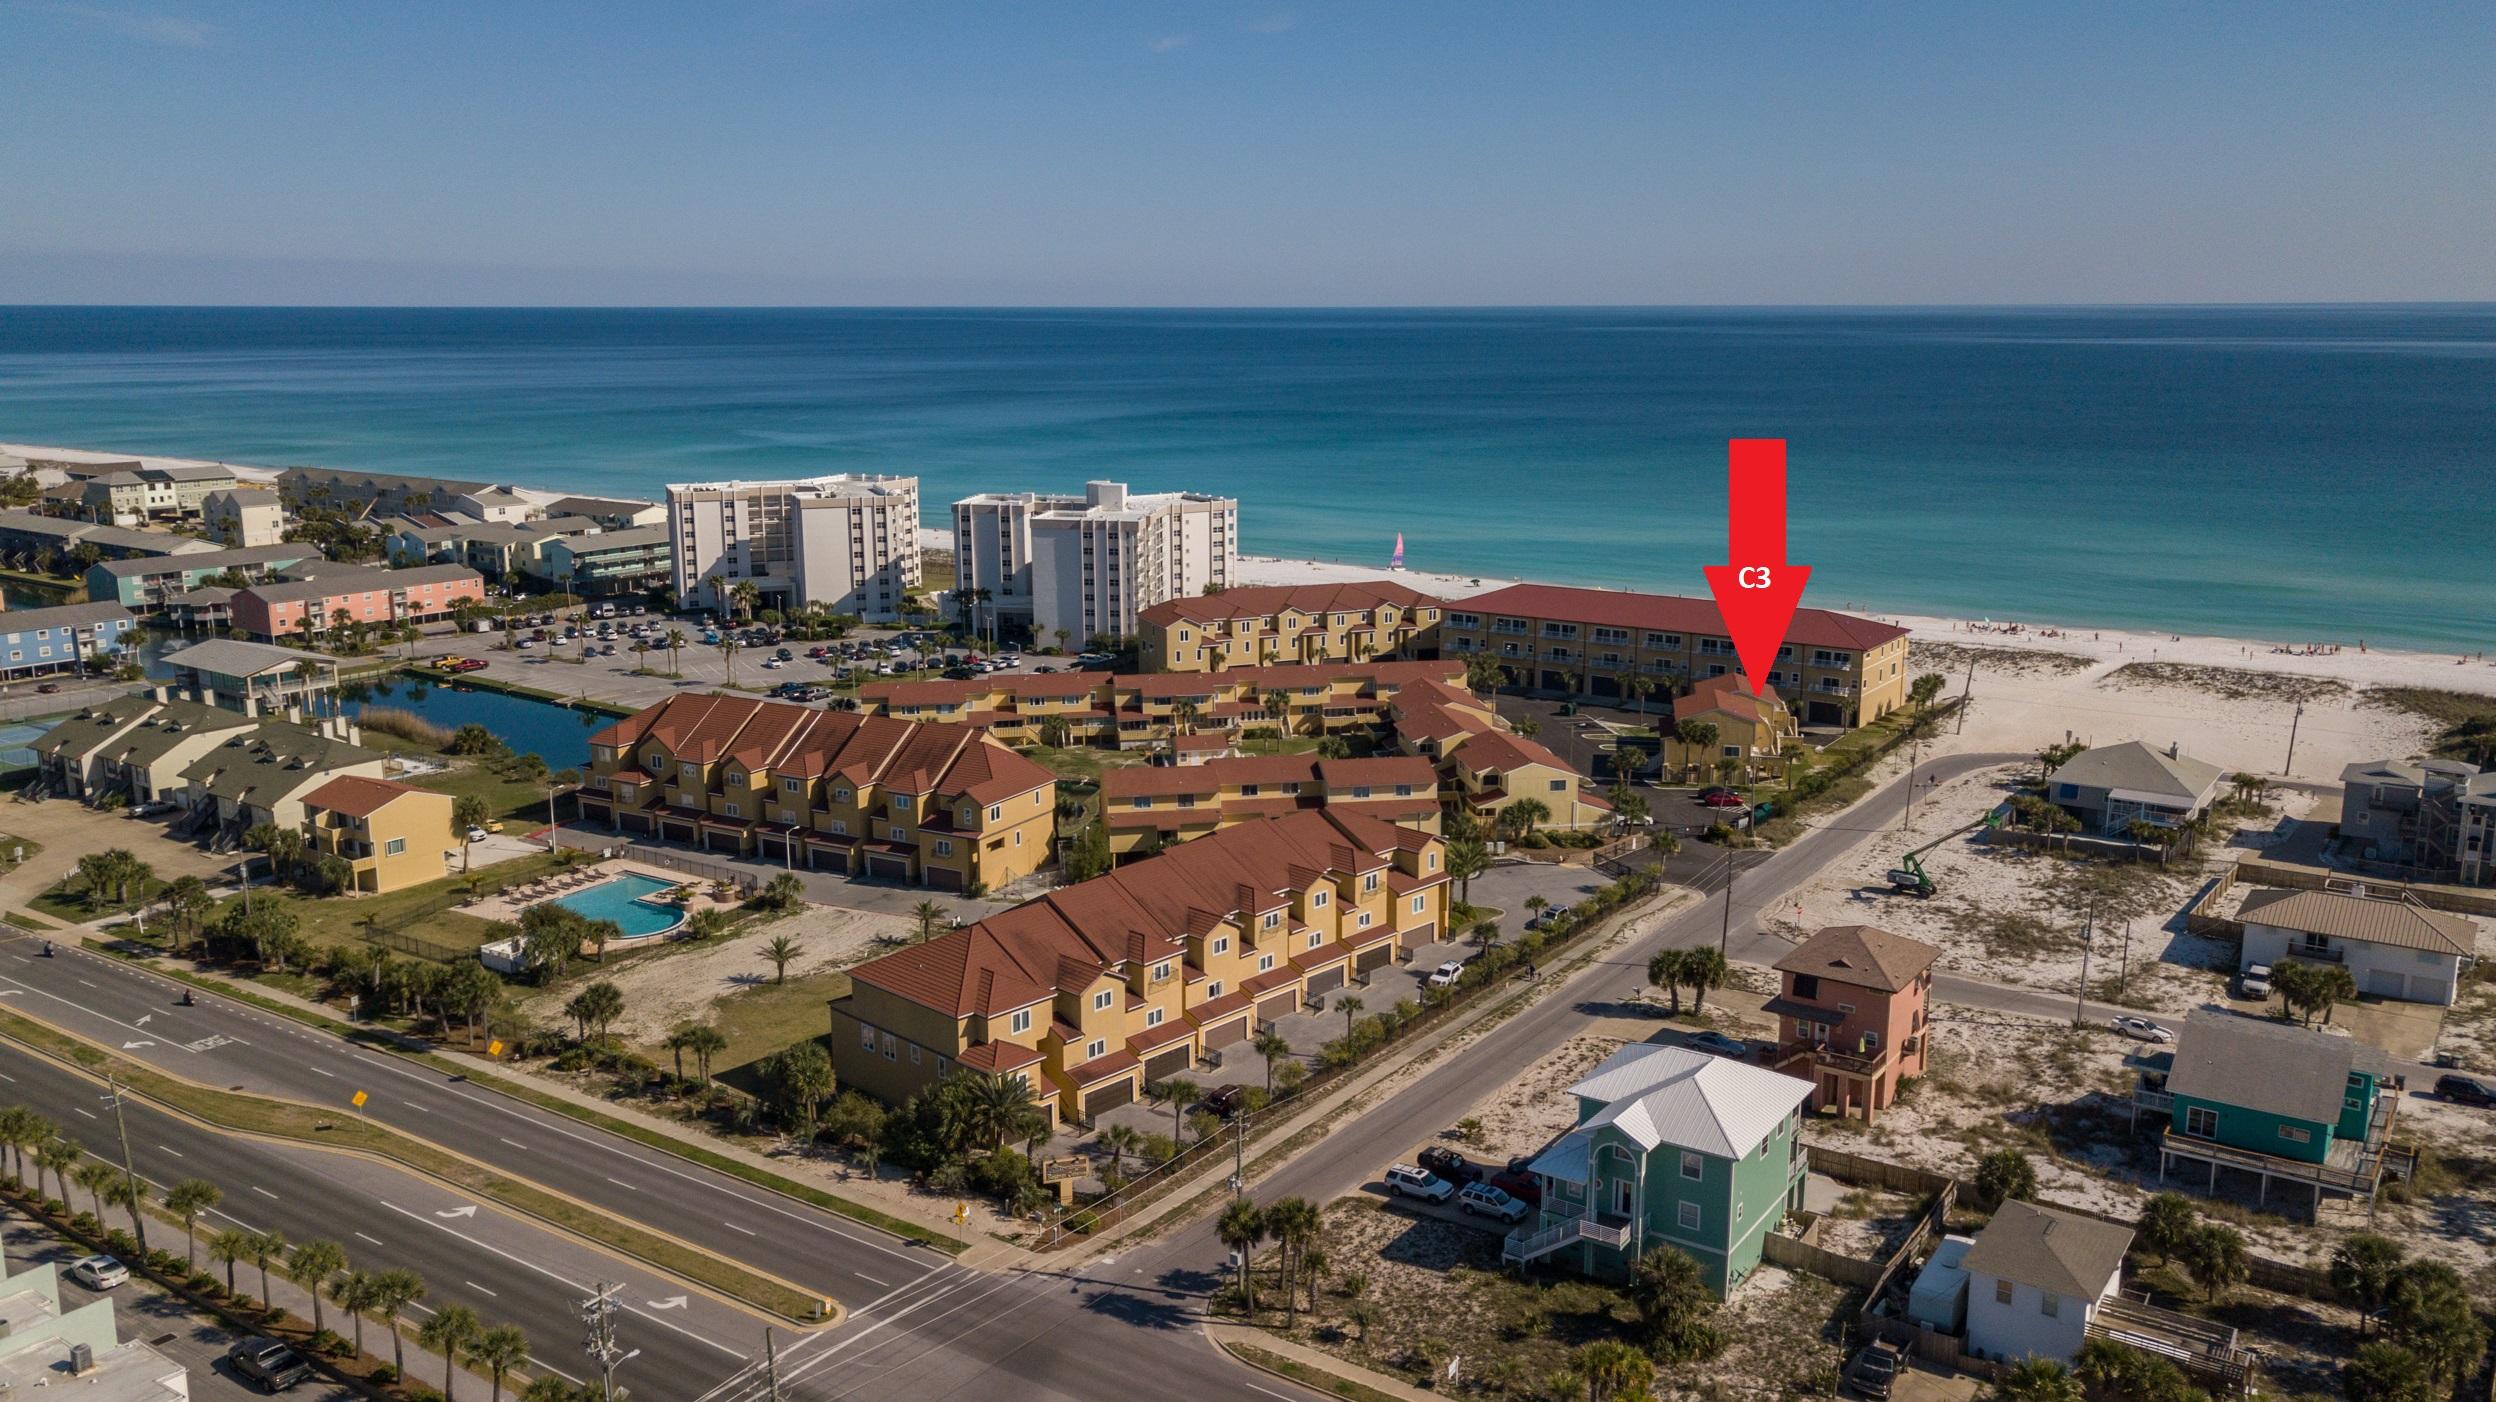 Regency Cabanas #C3 Condo rental in Regency Cabanas Pensacola Beach in Pensacola Beach Florida - #51